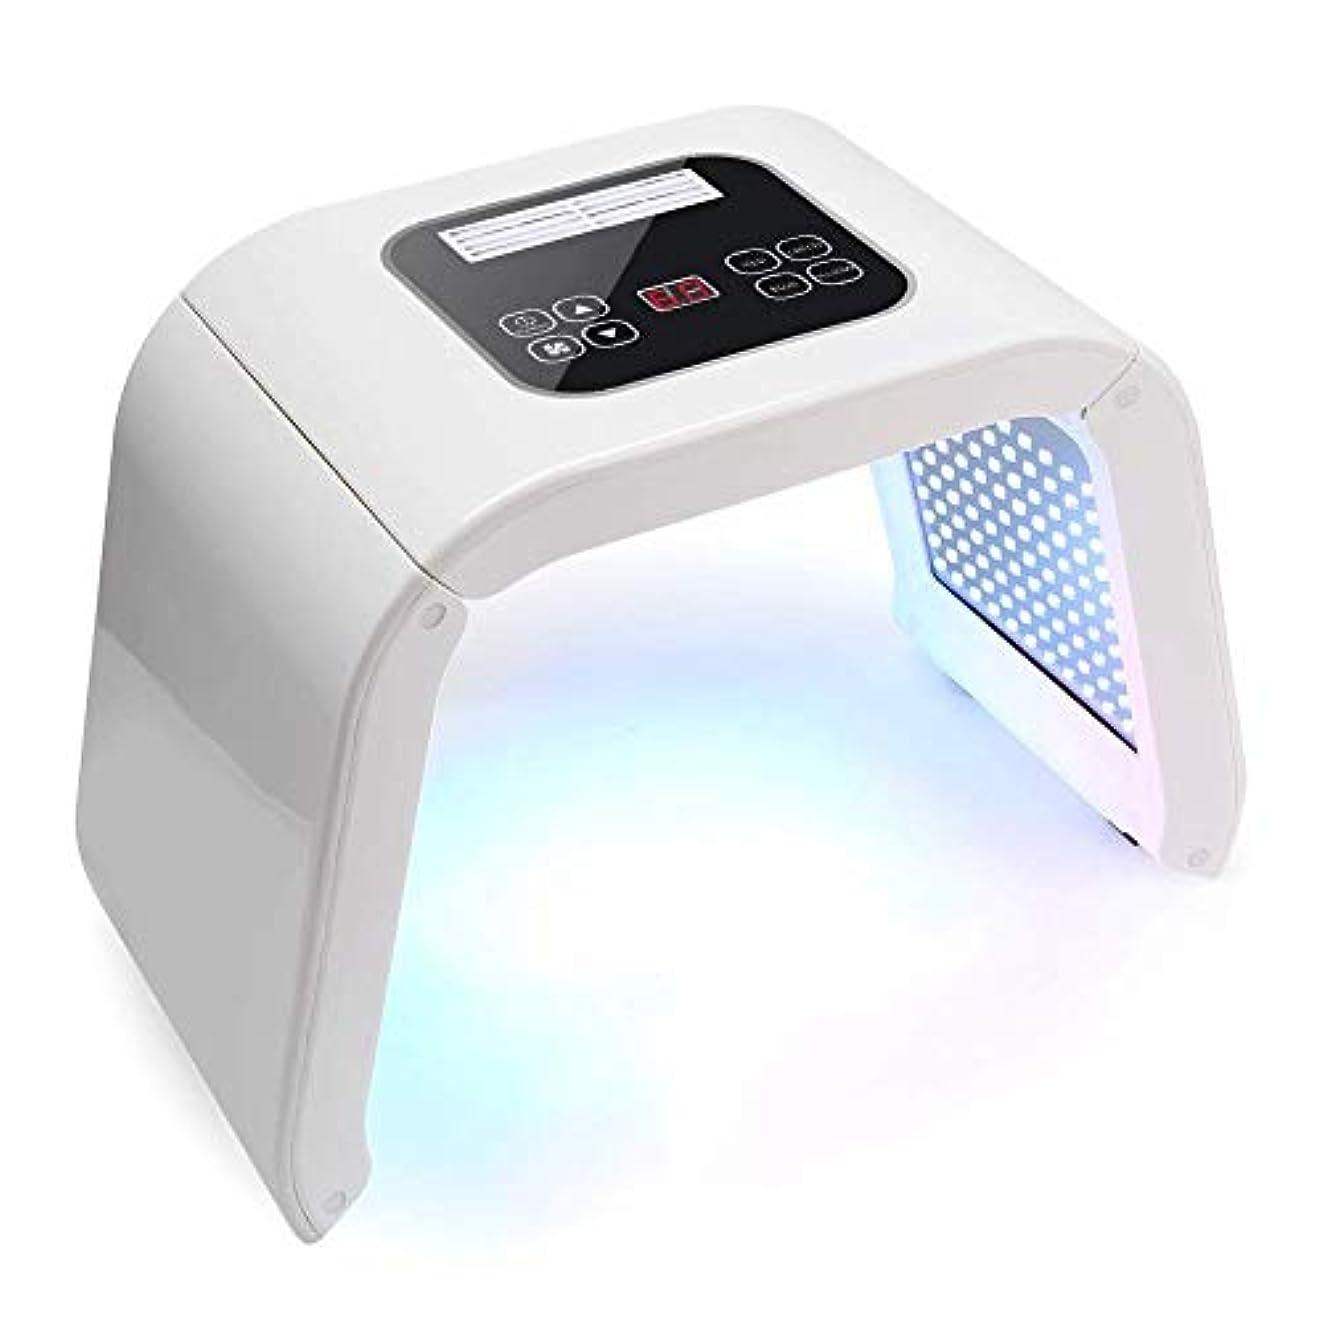 サーマルブームドライバ若返りの機器を皮膚、7色のLEDライトは、フェイシャルケア美容機マスク、スキンはホームサロン使うスキンケアのツールについては、フェイスネックボディ?フェイシャルケアのためのアンチエイジングスキンケアツールを締め